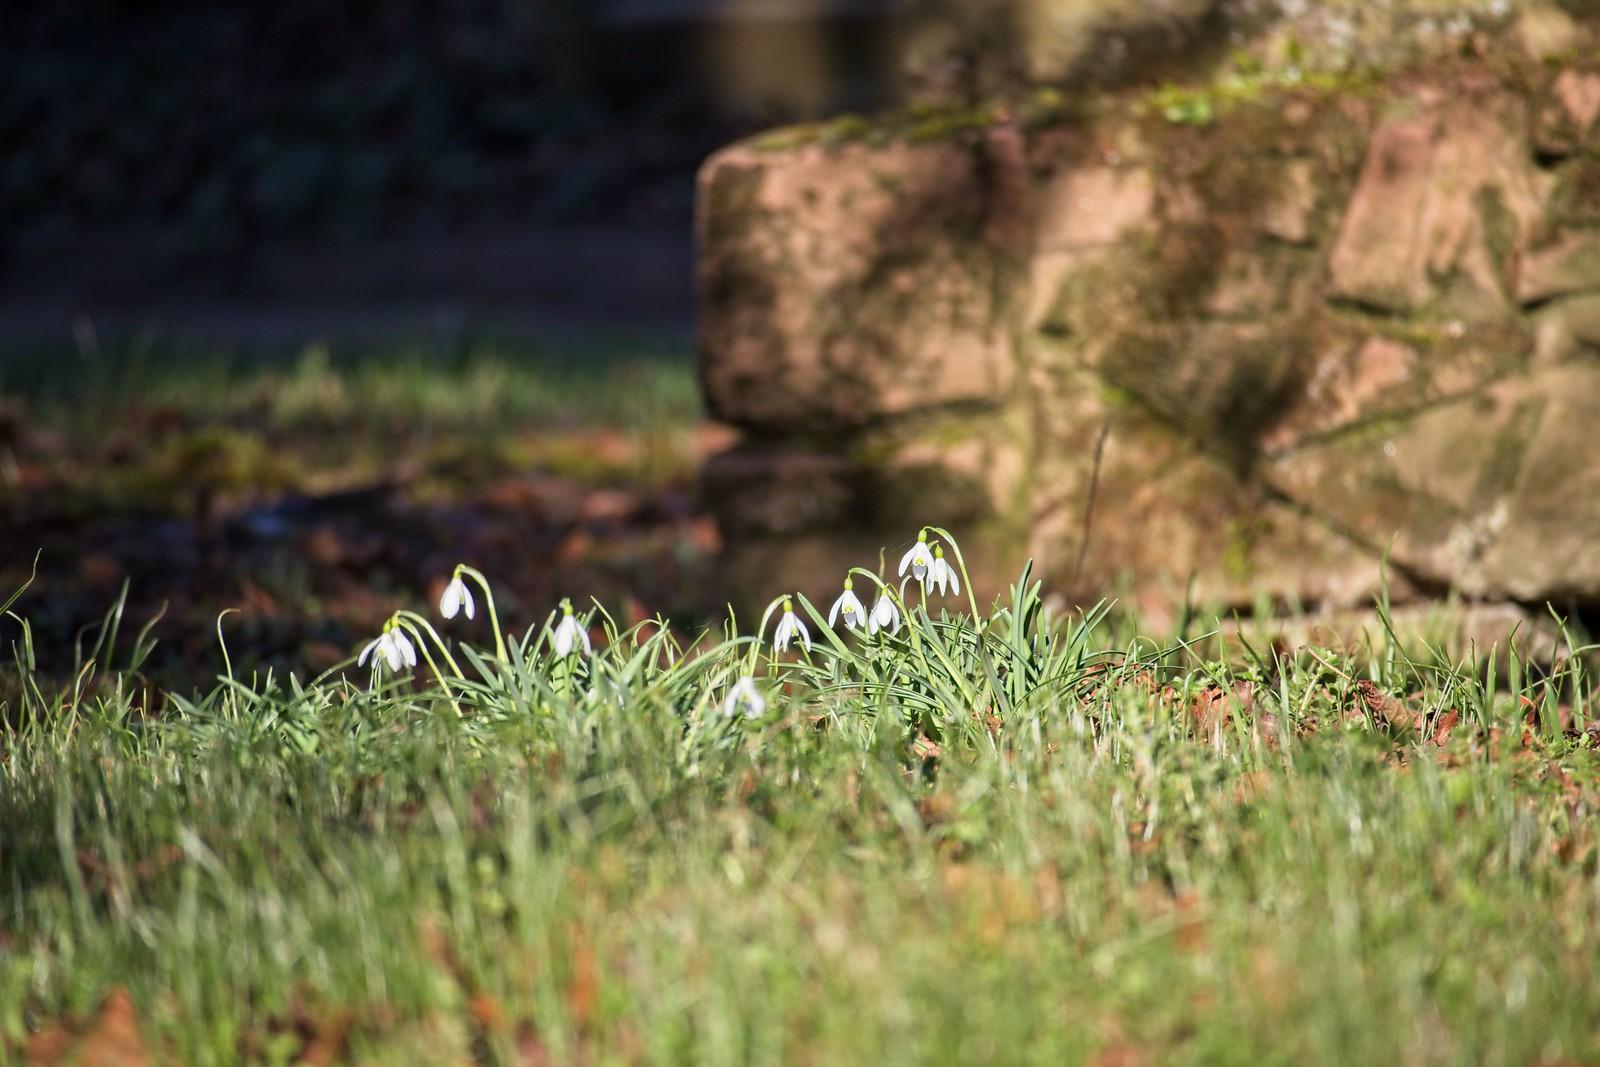 Schneeglöckchen auf dem alten Friedhof Selzen (Canon EOS M50, EF-M 55-200mm f/4.5-6.3 IS STM, 200 mm, Manuell, 1/250 sek @ f/6,3, ISO 100)